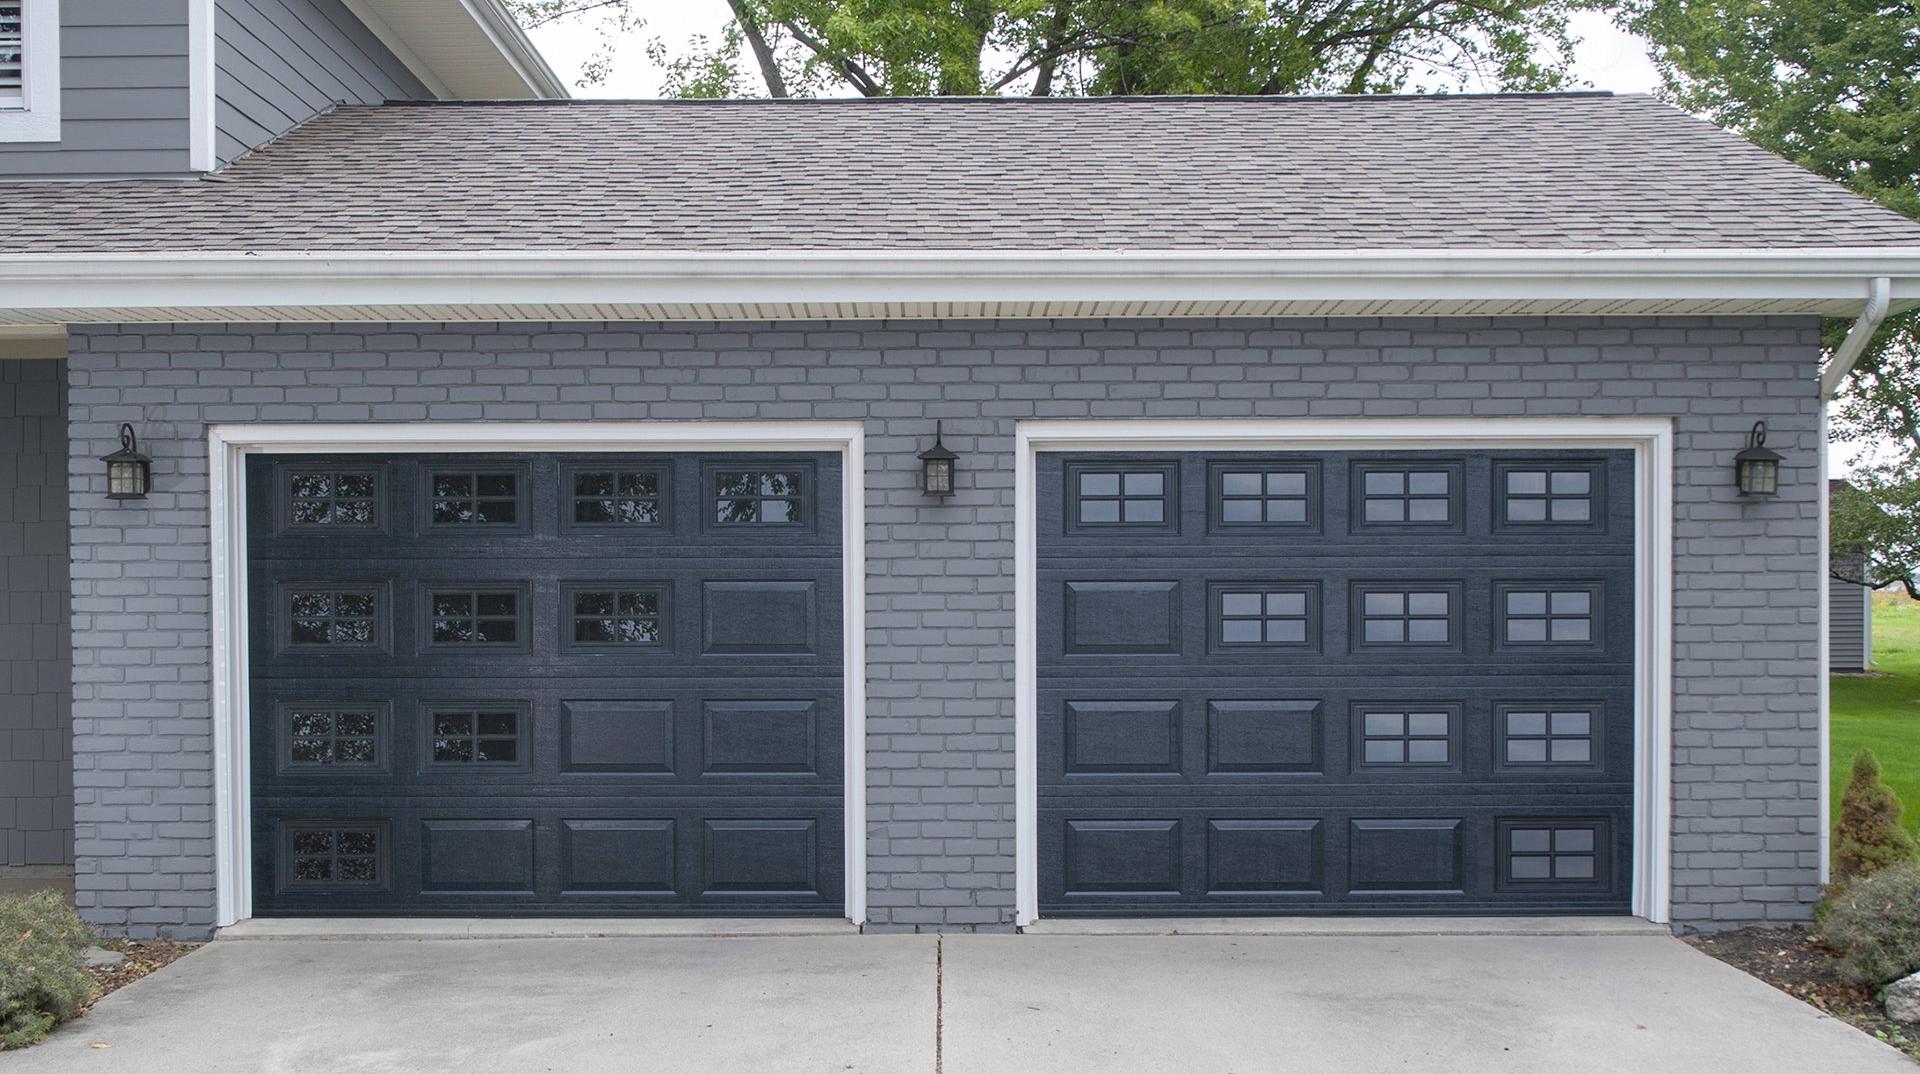 Pin By Sherri Doenges On Architectural Interest In 2020 Garage Door Windows Garage Doors Haas Garage Doors